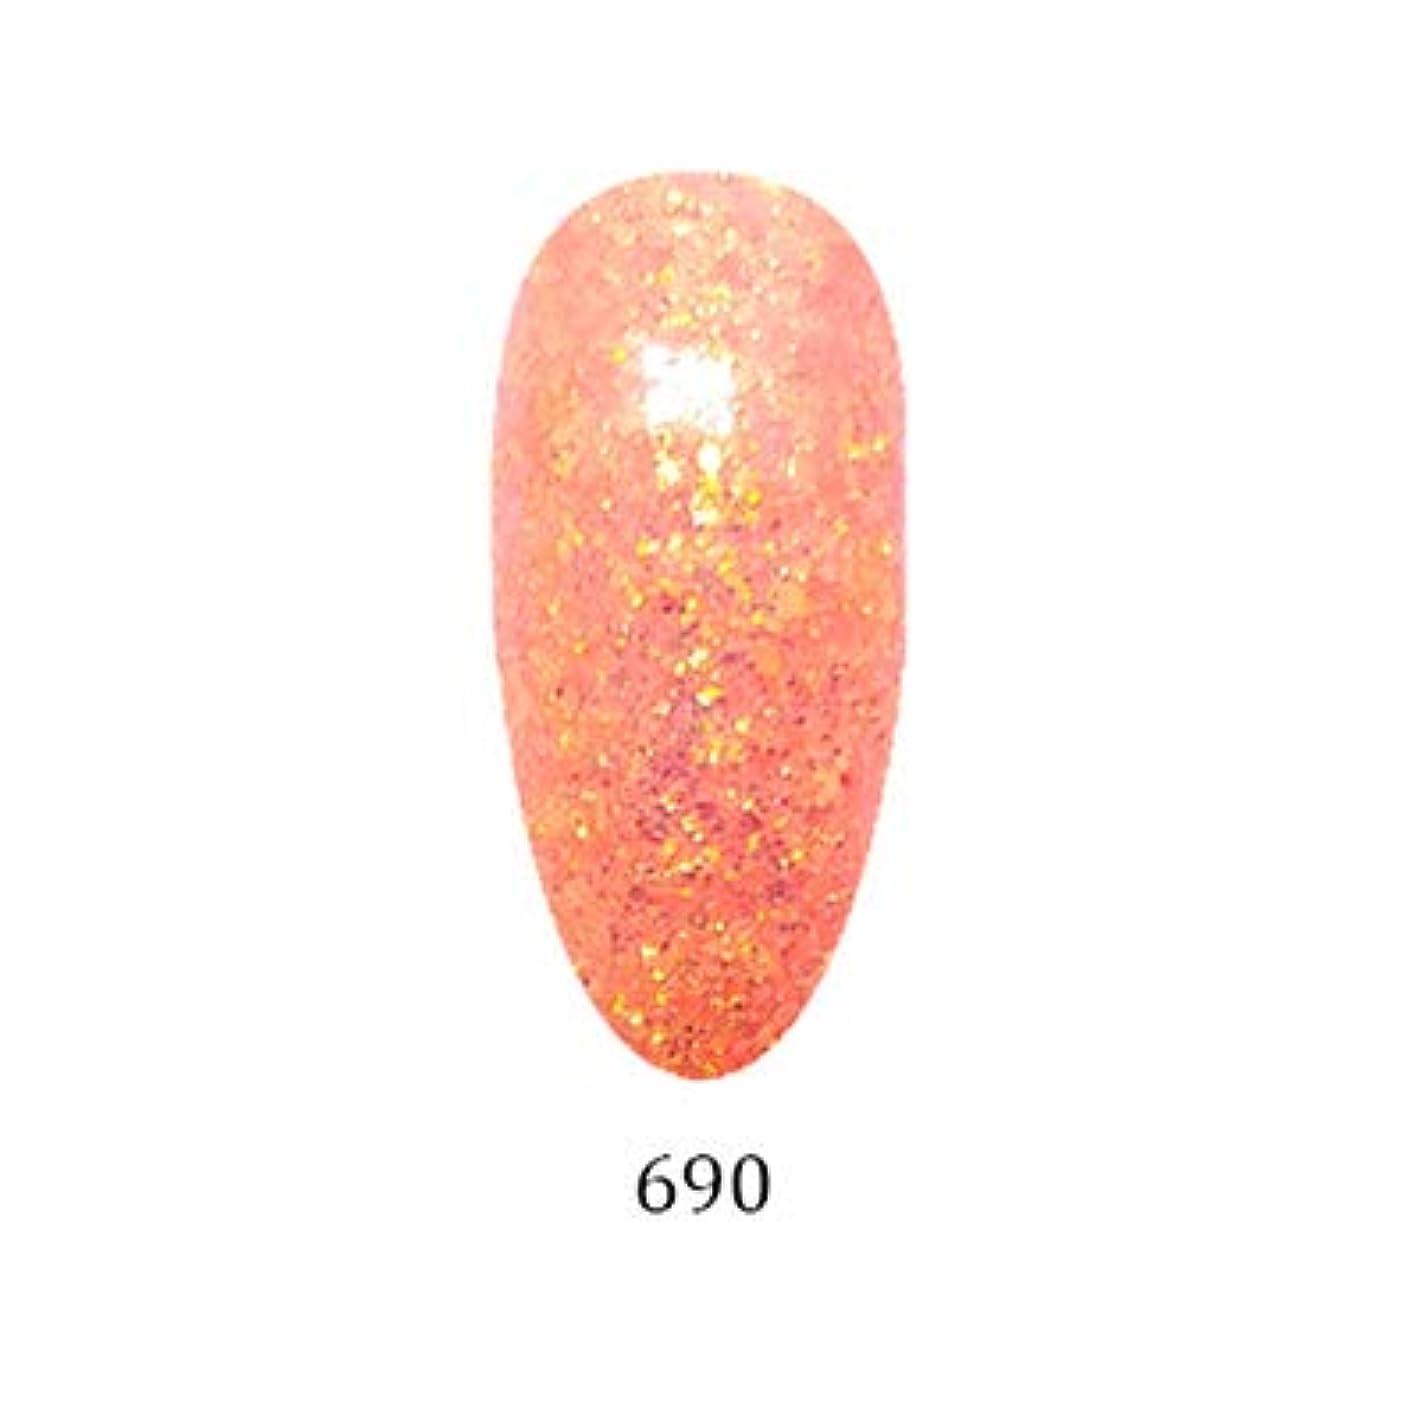 アイスジェル カラージェル グリーミングシリーズ GM-690 3g